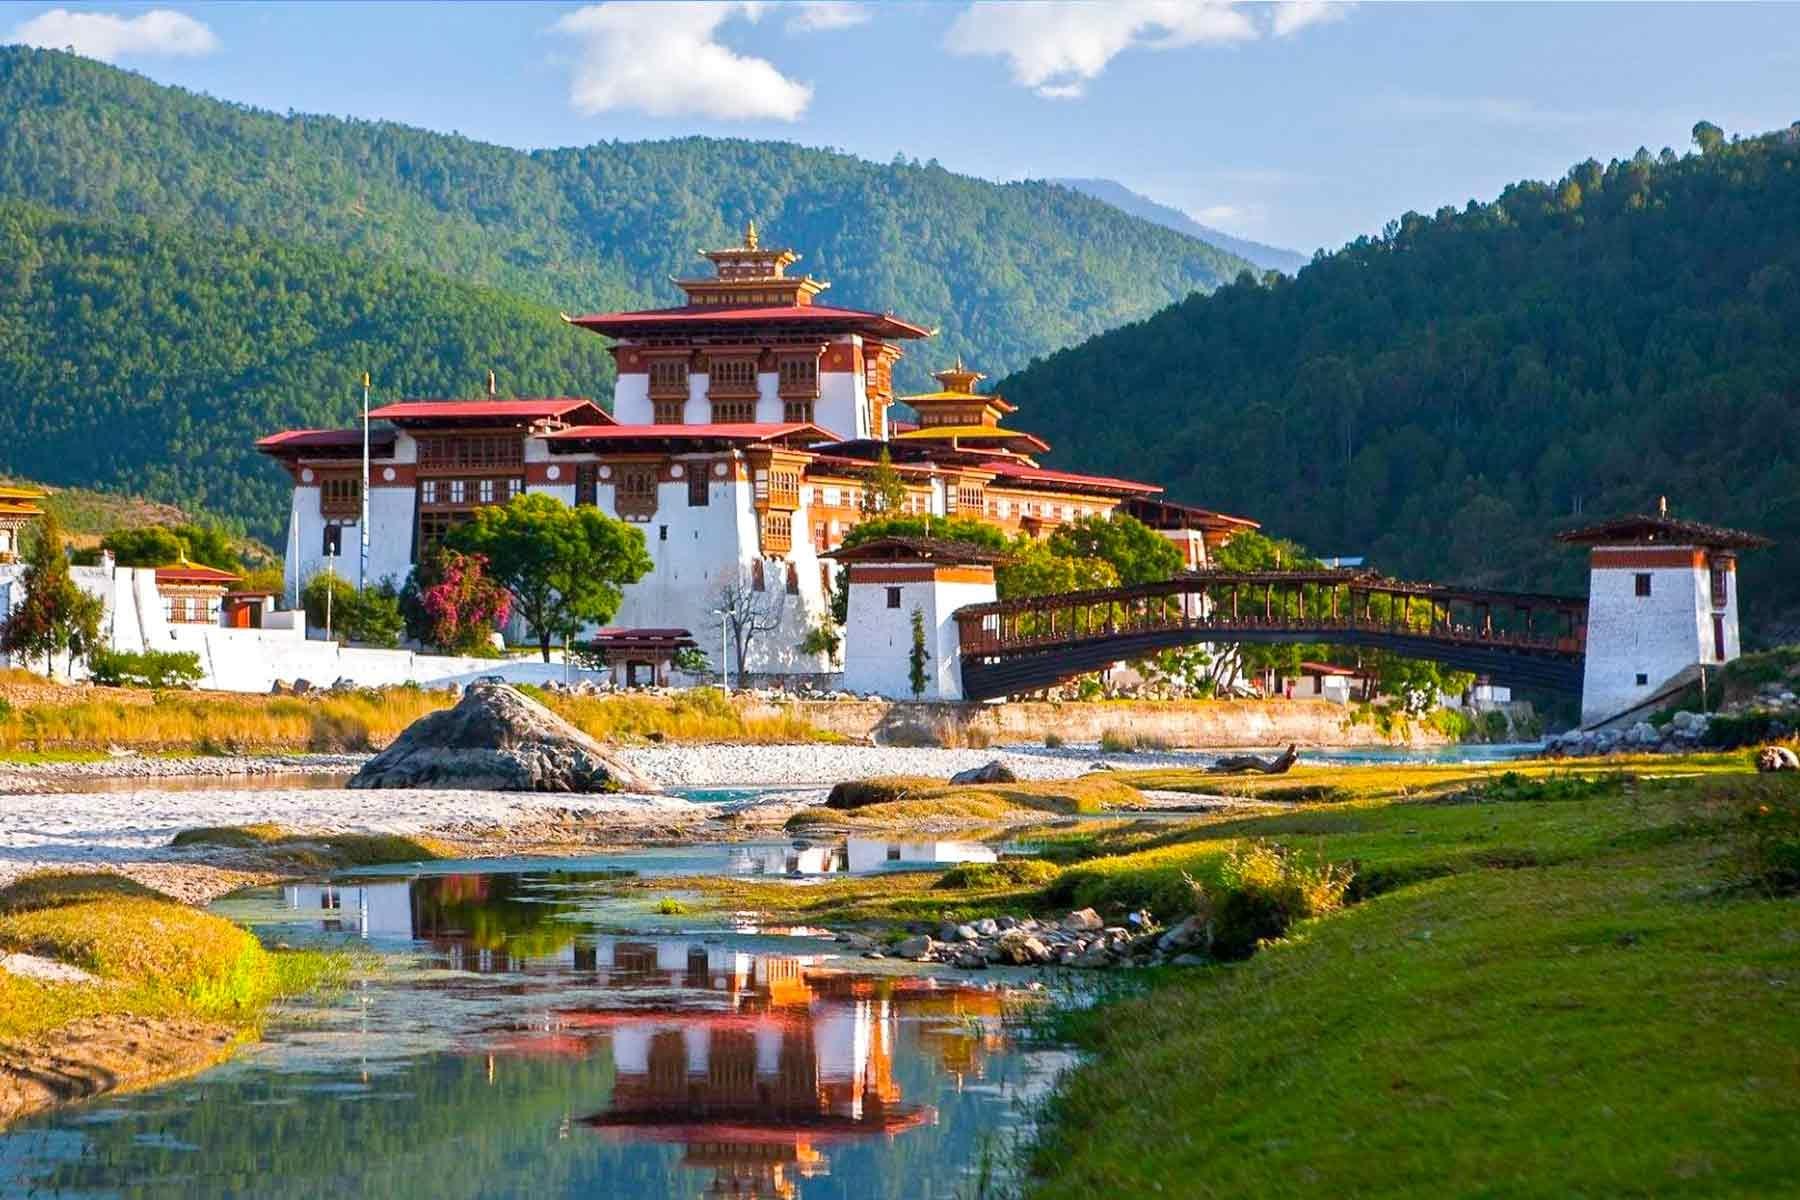 Lang thang đất nước bí ẩn bậc nhất thế giới Bhutan